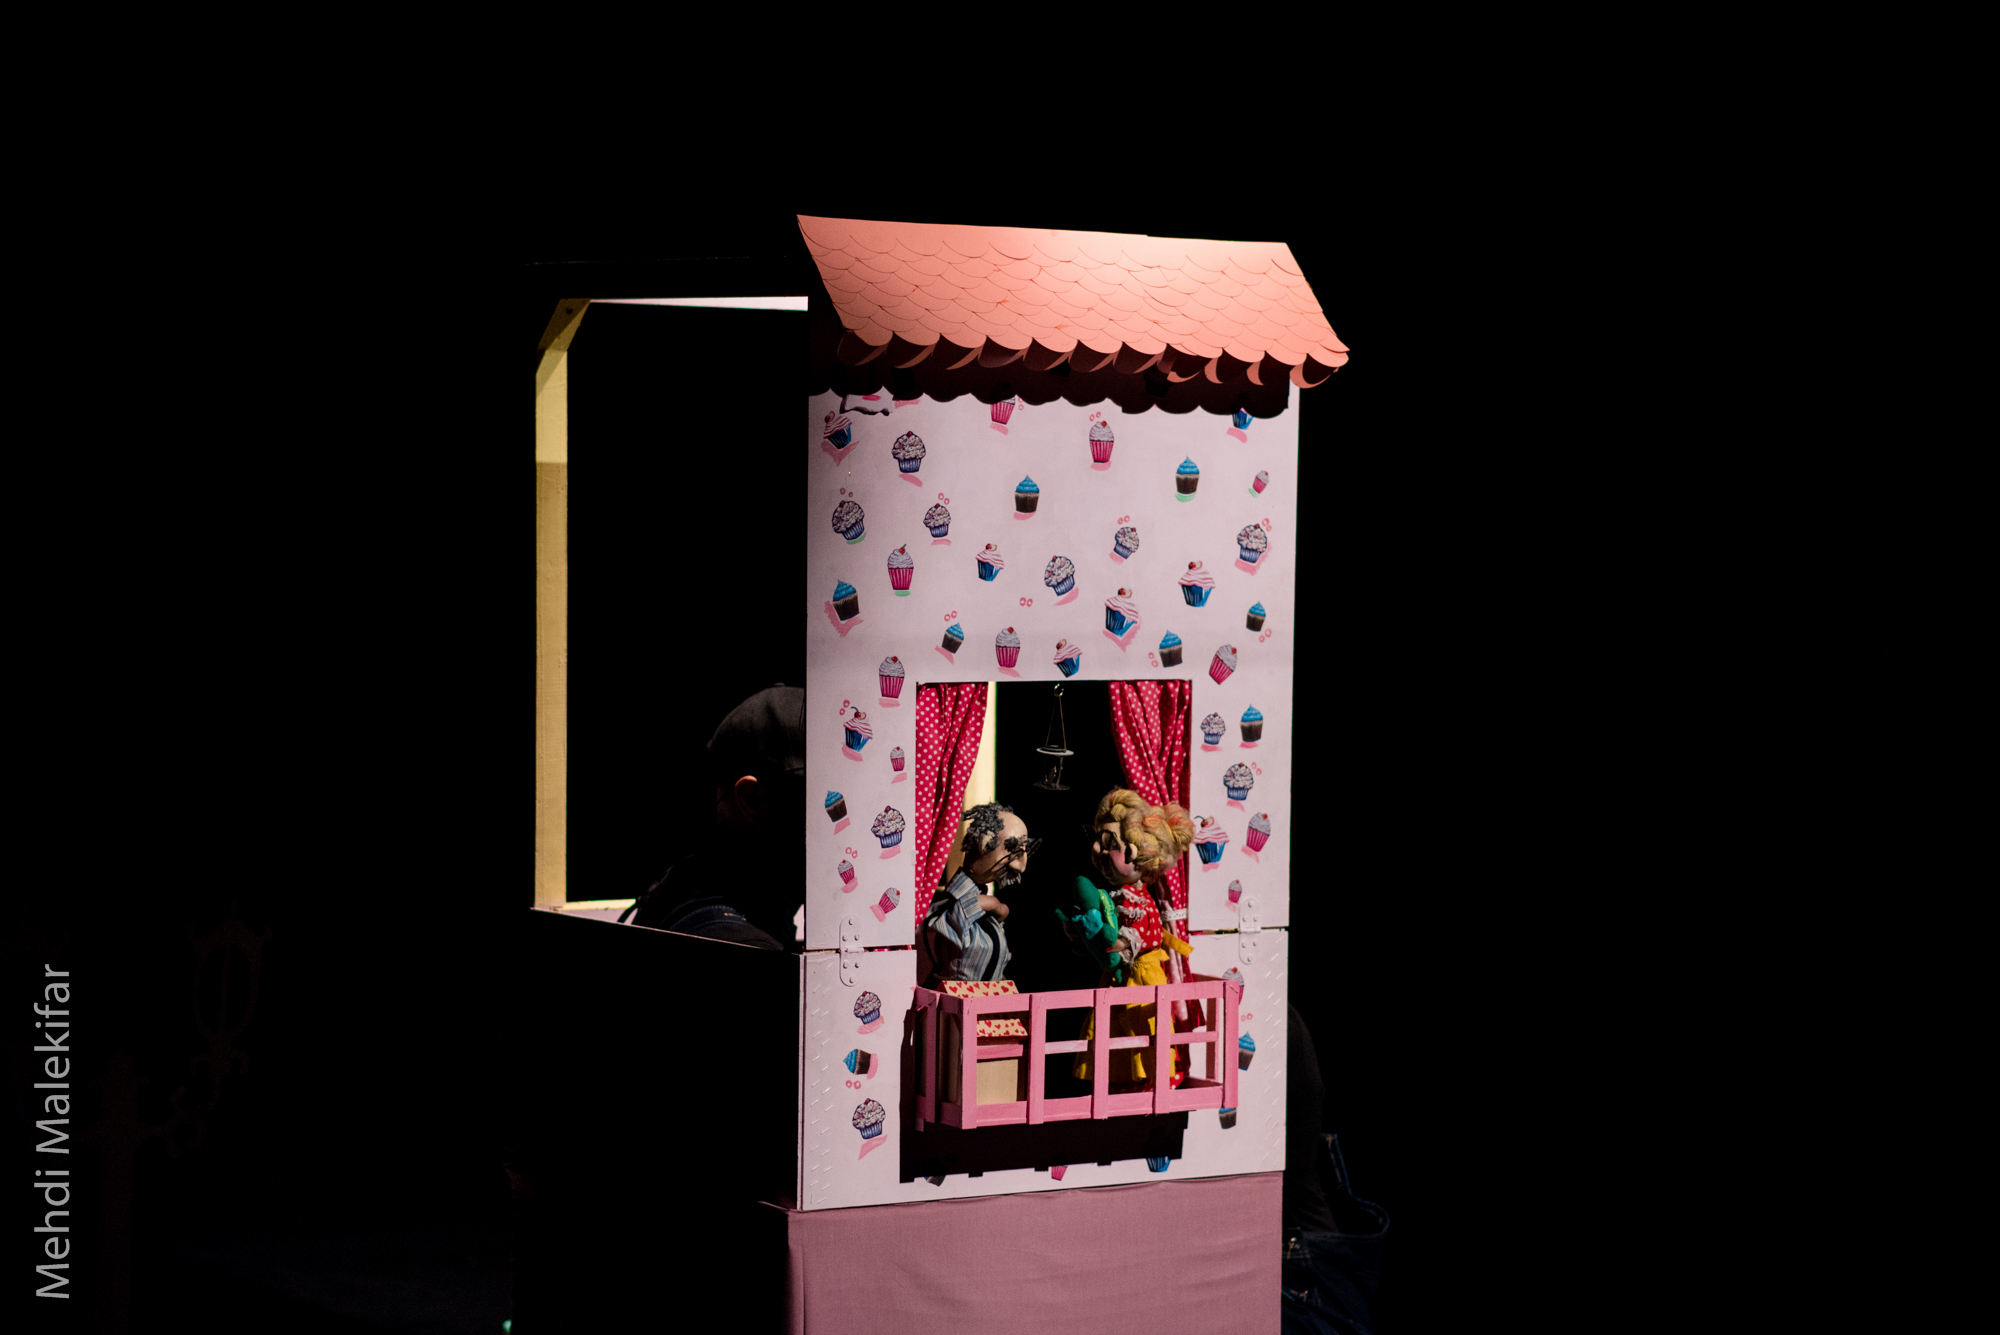 نمایش عروسکی تشپ کال